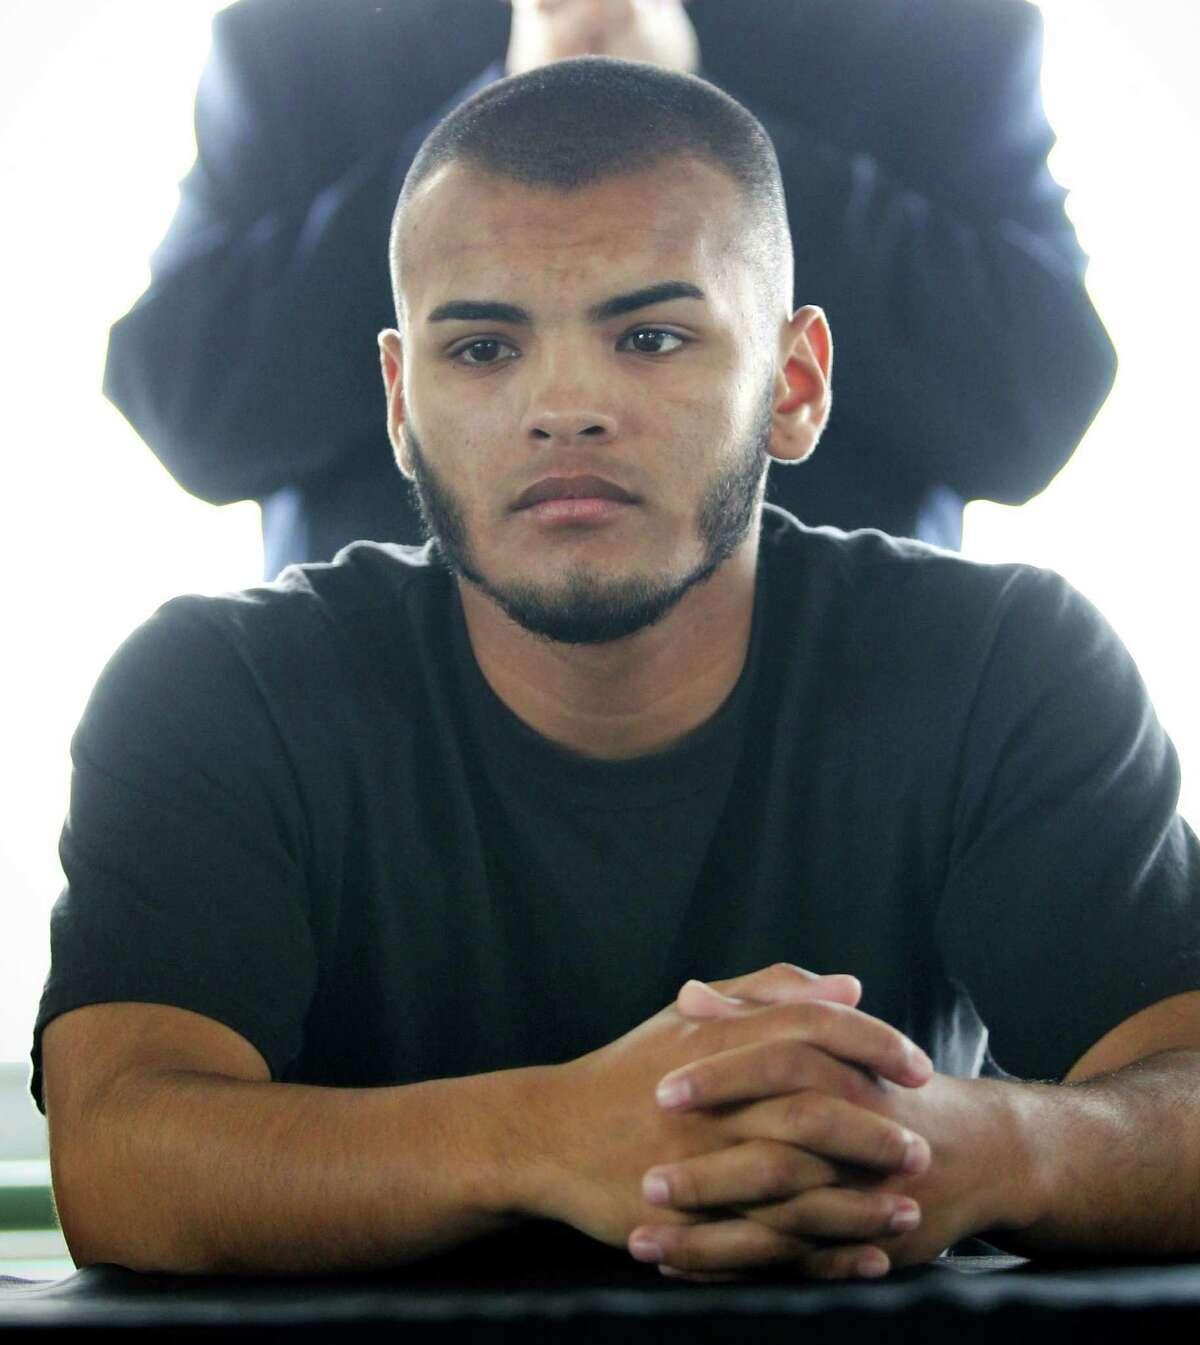 San Antonio super bantamweight Javier Rodriguez (11-0-1) will headline the